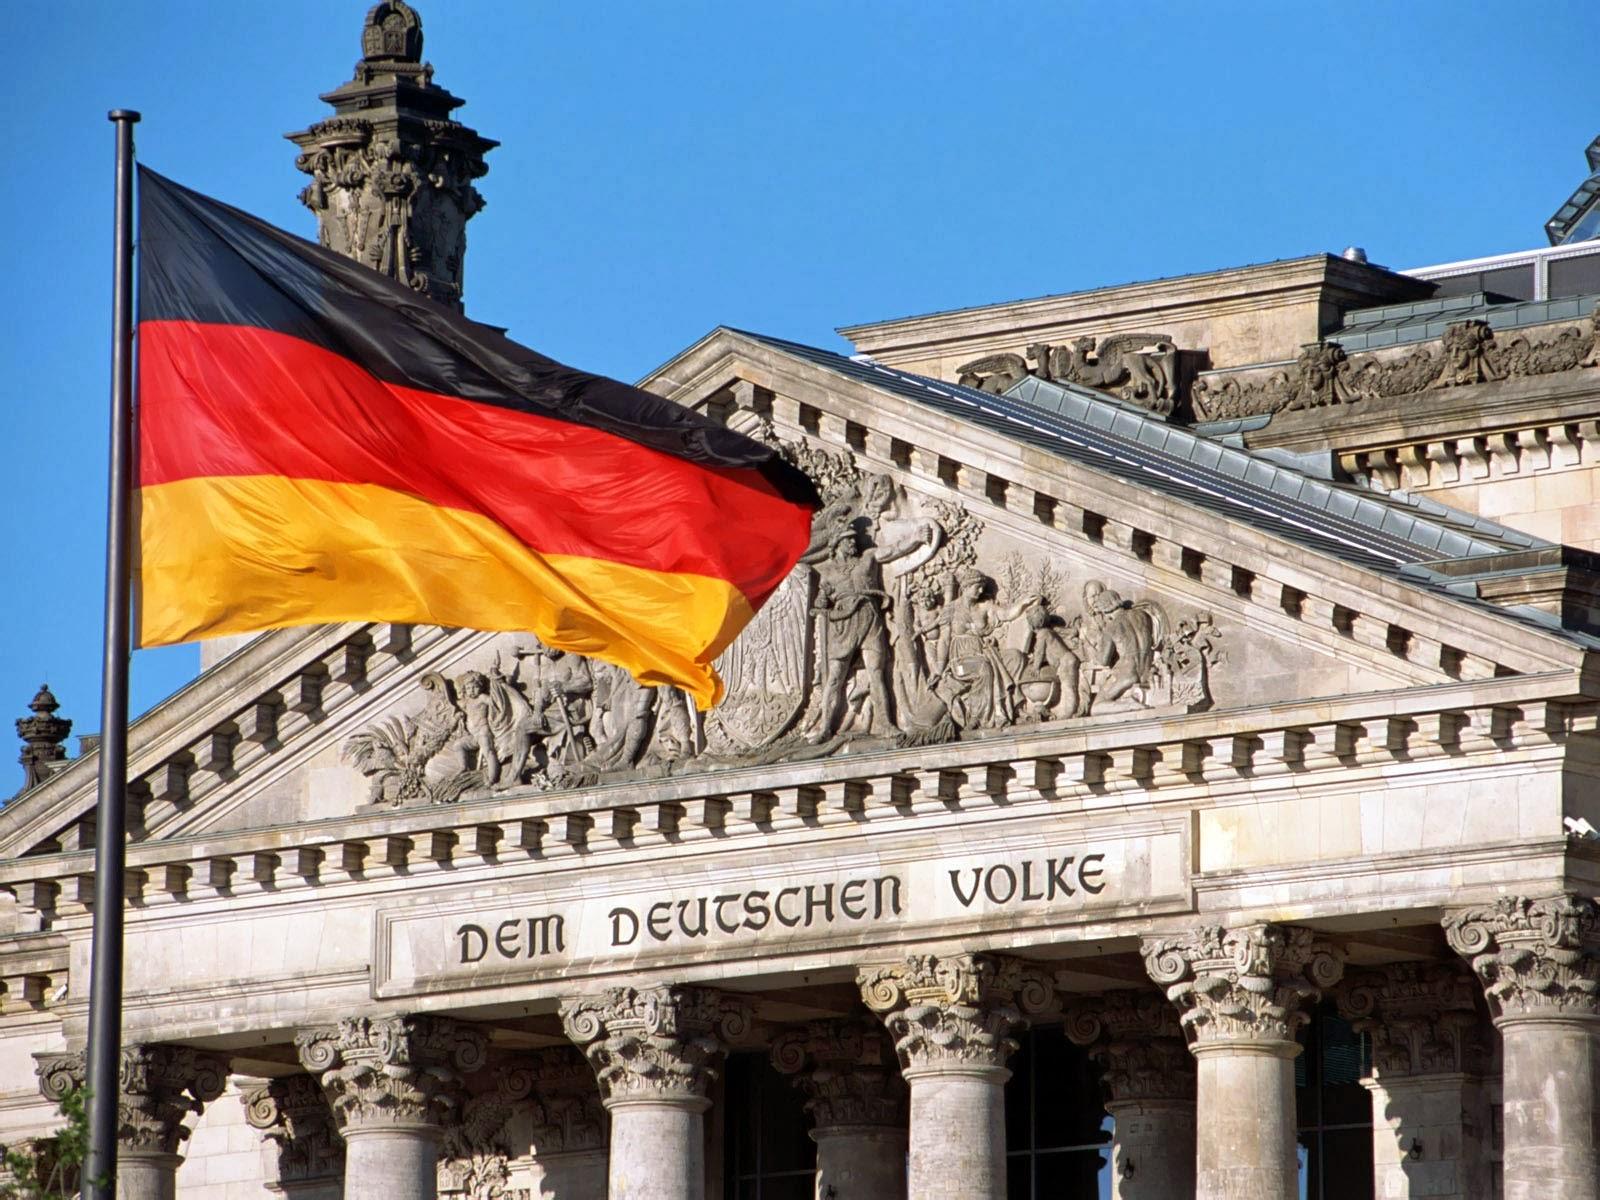 Хакеры взломали МИД Германии и украли шесть документов: злоумышленников интересовала Украина